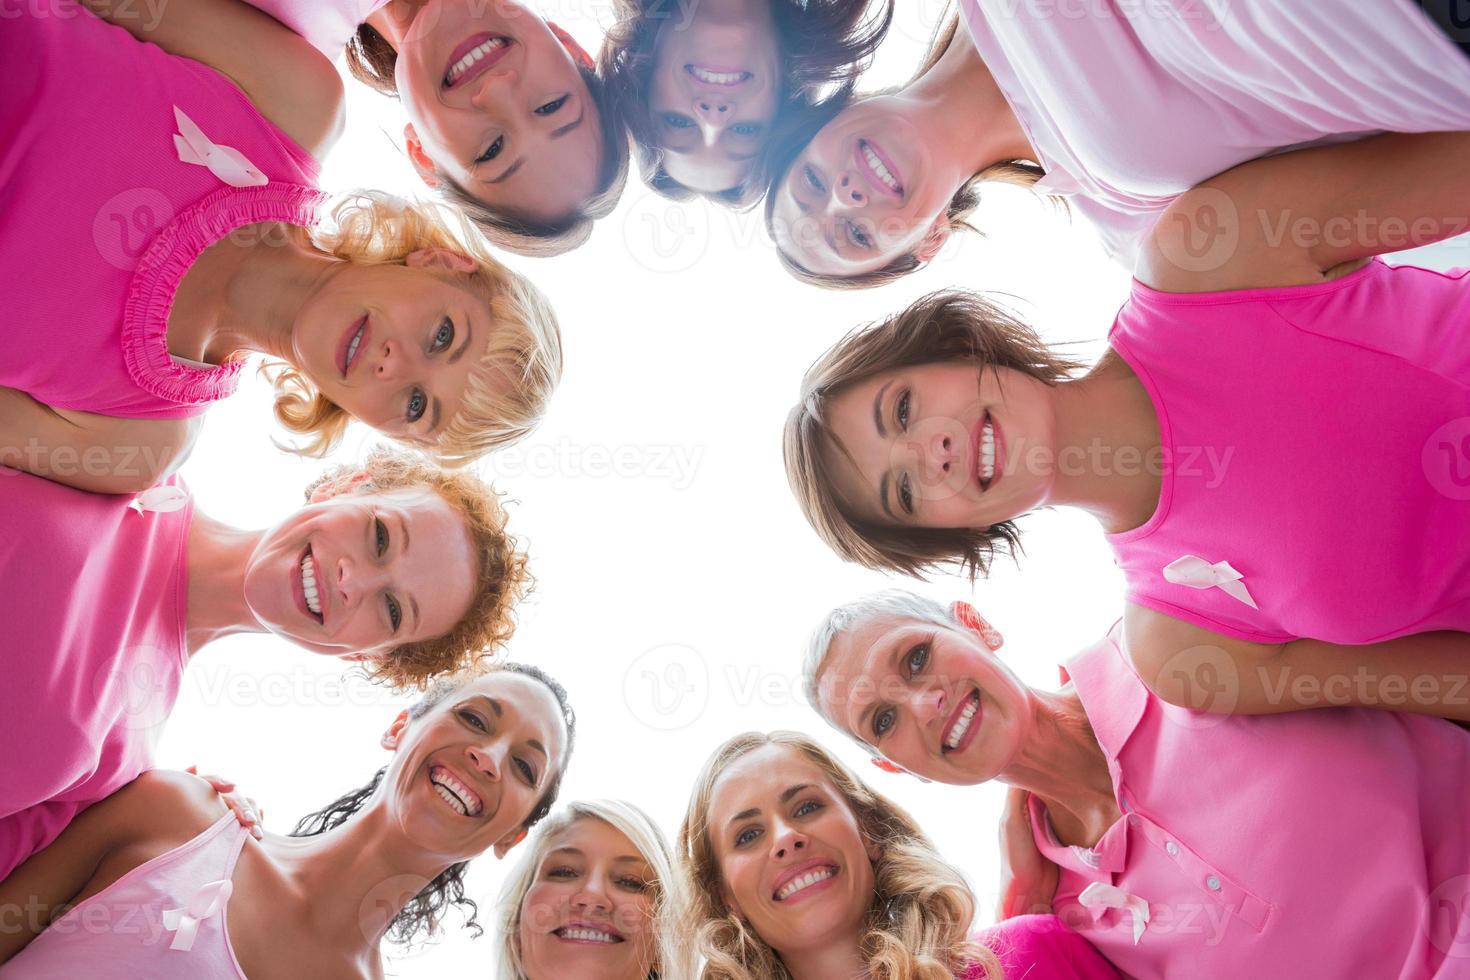 fröhliche Frauen im Kreis, die Rosa für Brustkrebs tragen foto